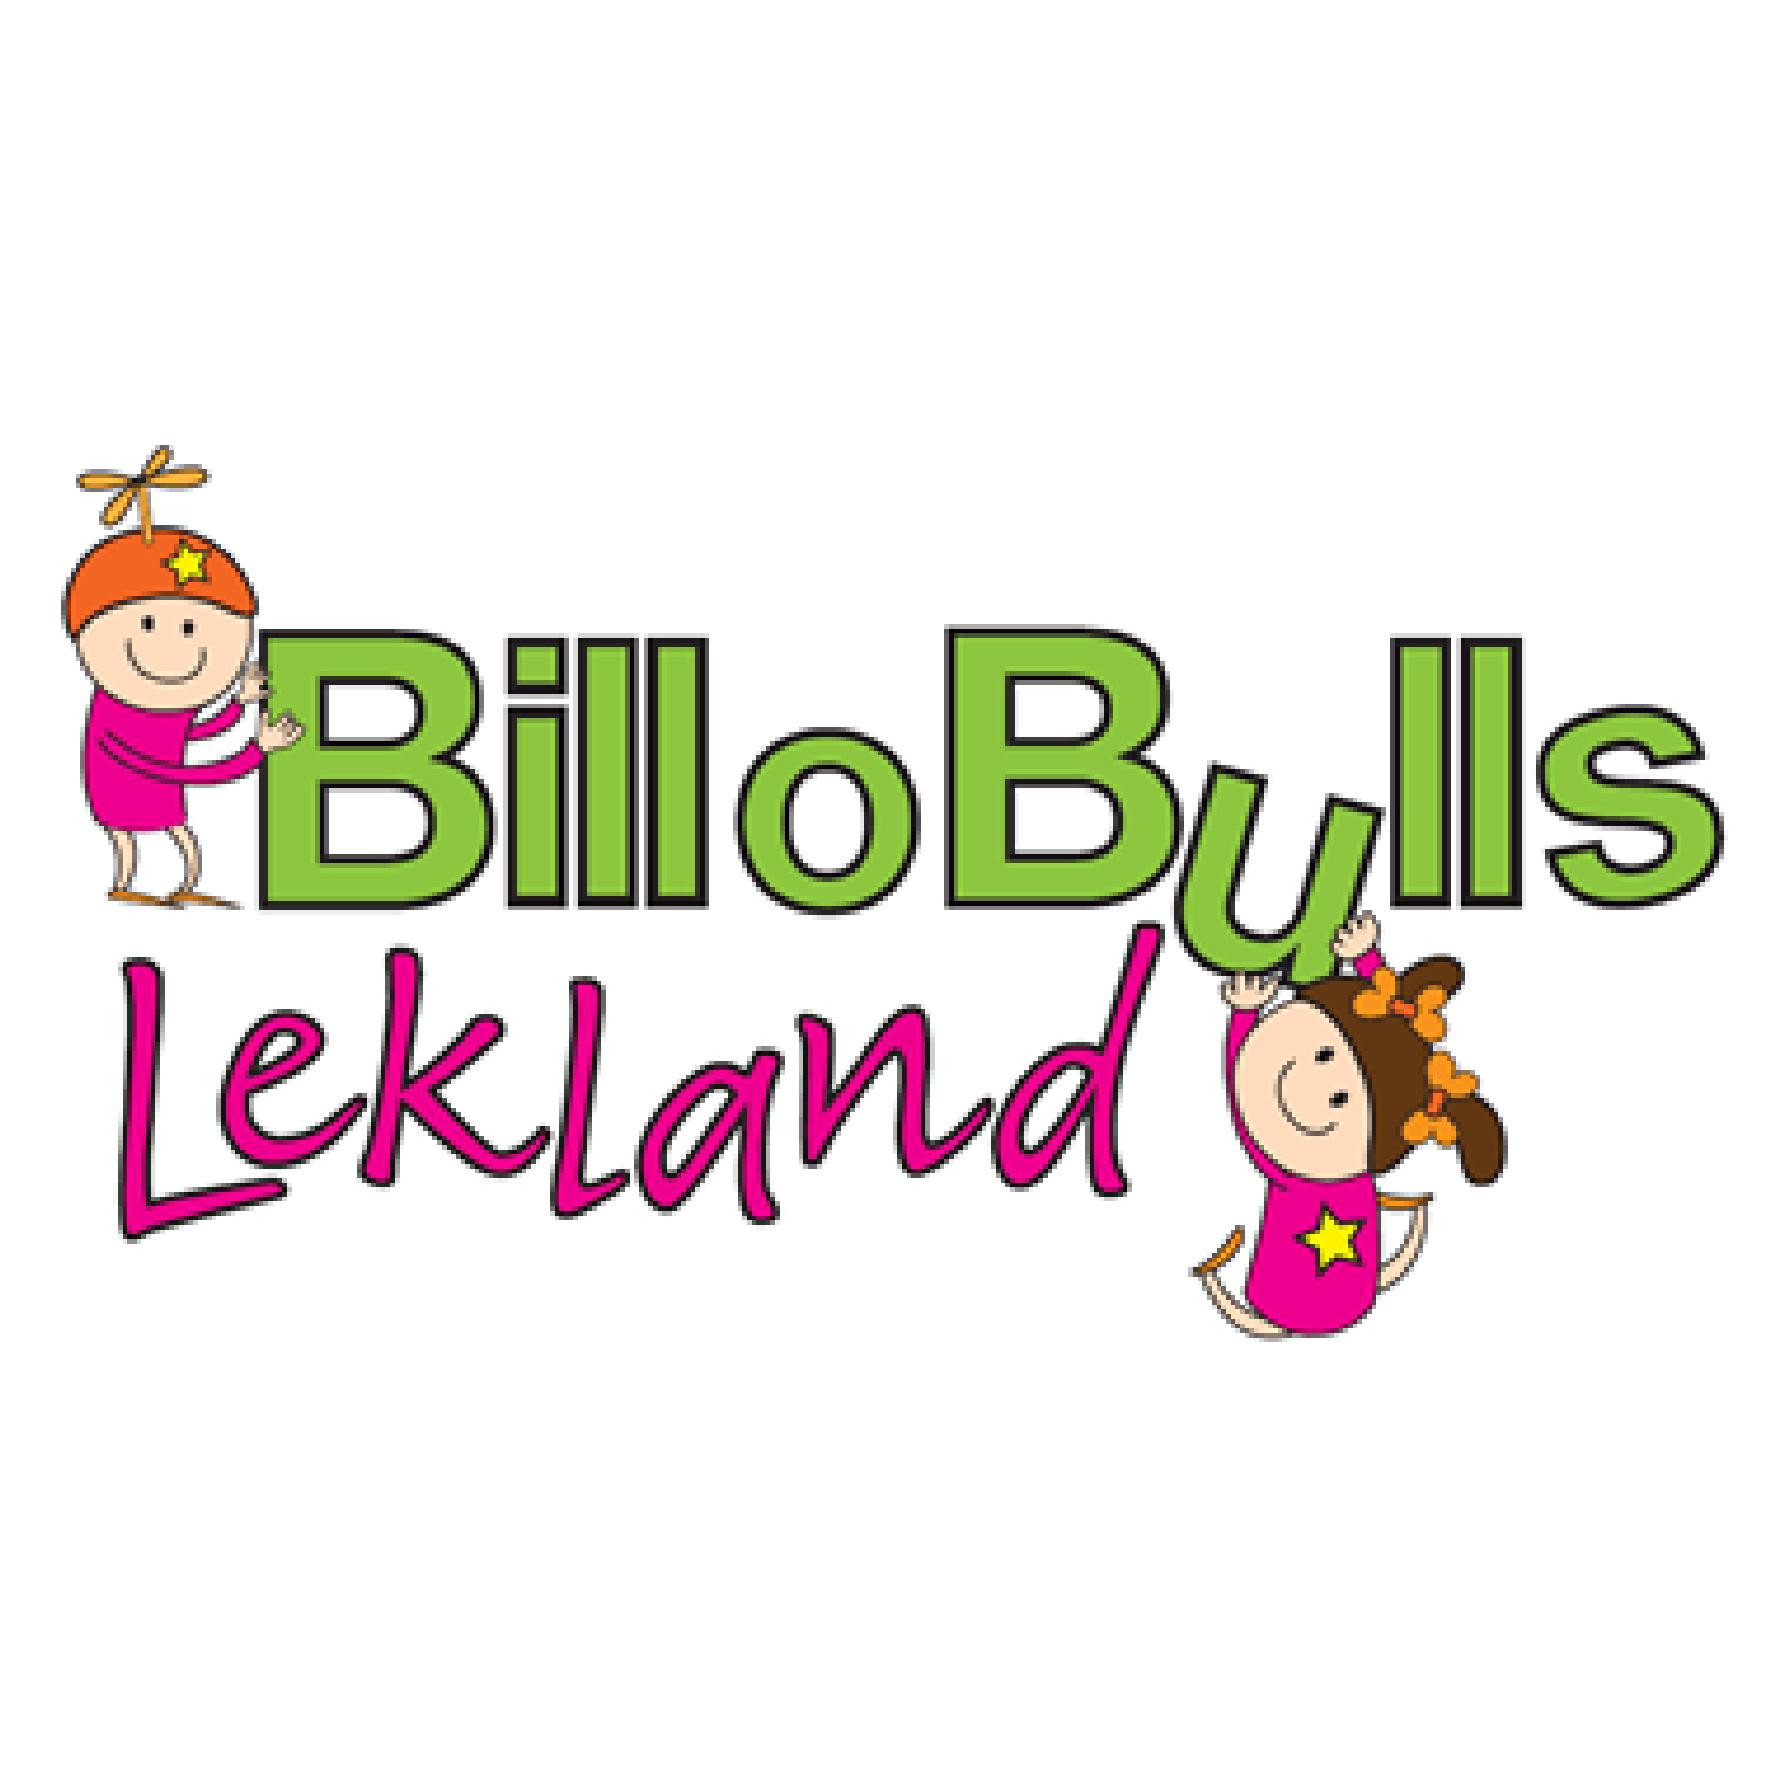 Bill O Bulls - Sweden